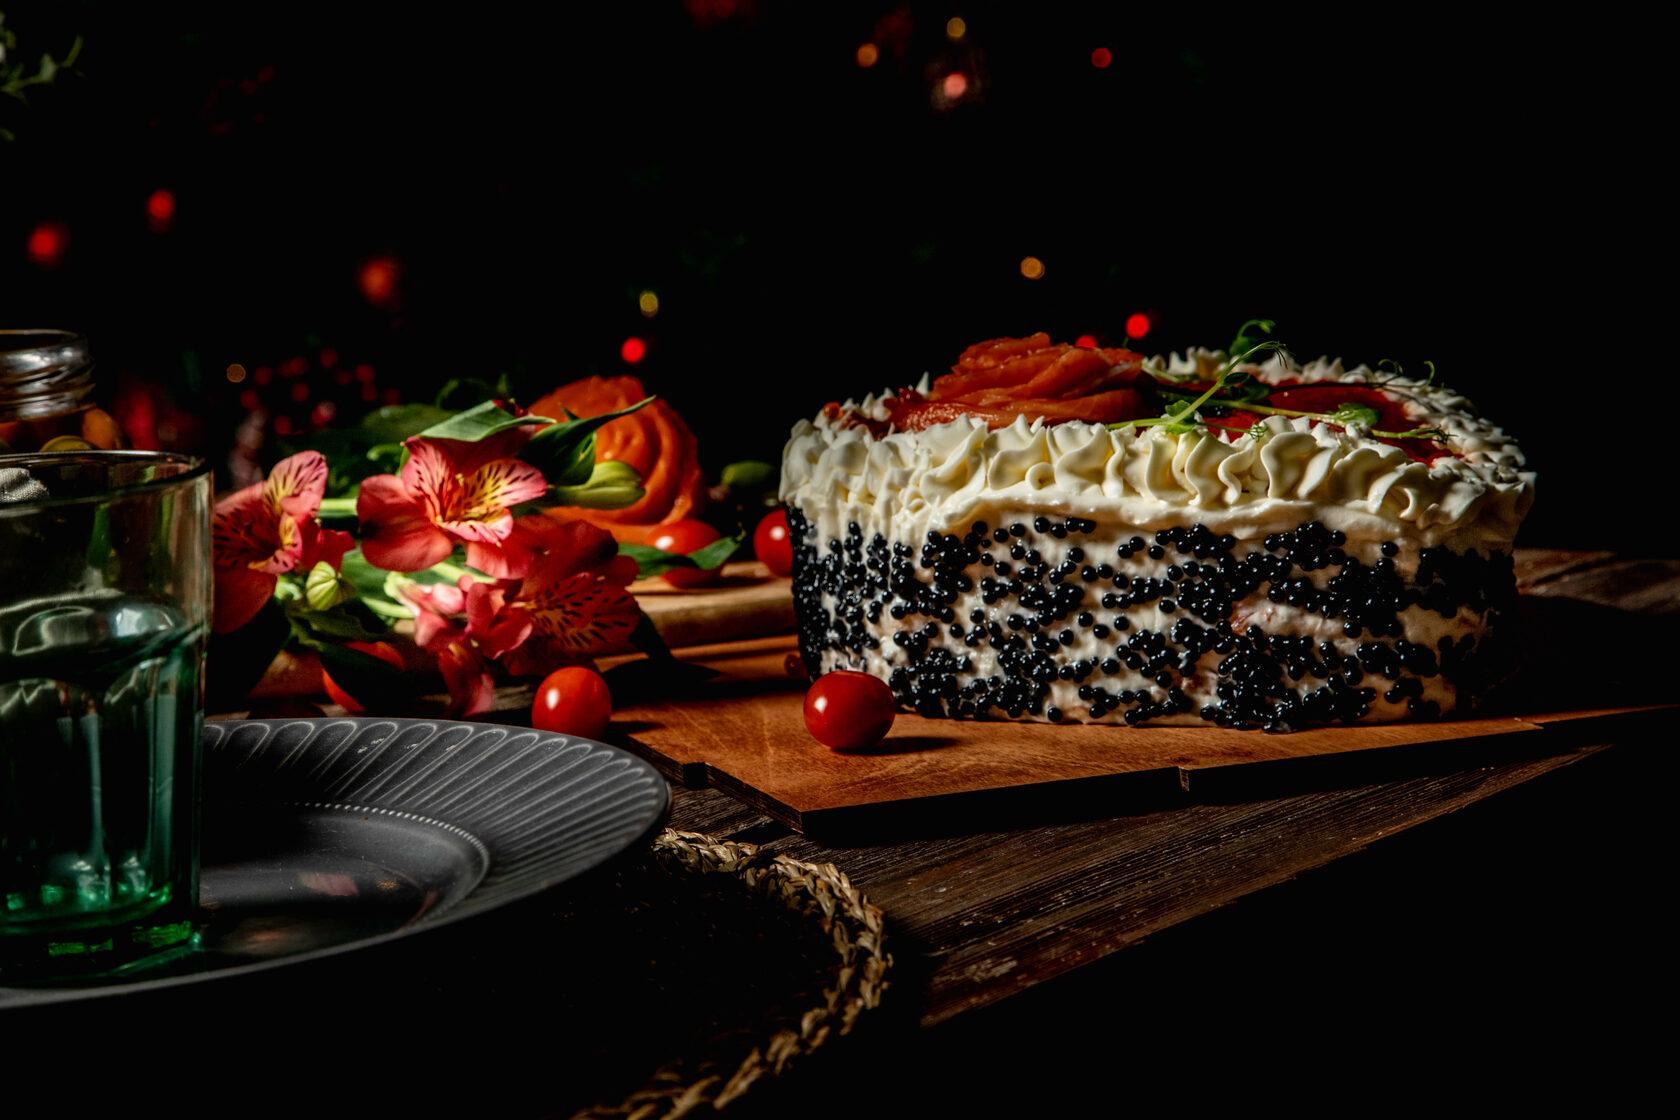 торт на 8 марта, торт для девушки, торт для женщины, торт для мамы, торт маме на 8 марта, торт для жены, торт жене на 8 марта, торт для любовницы